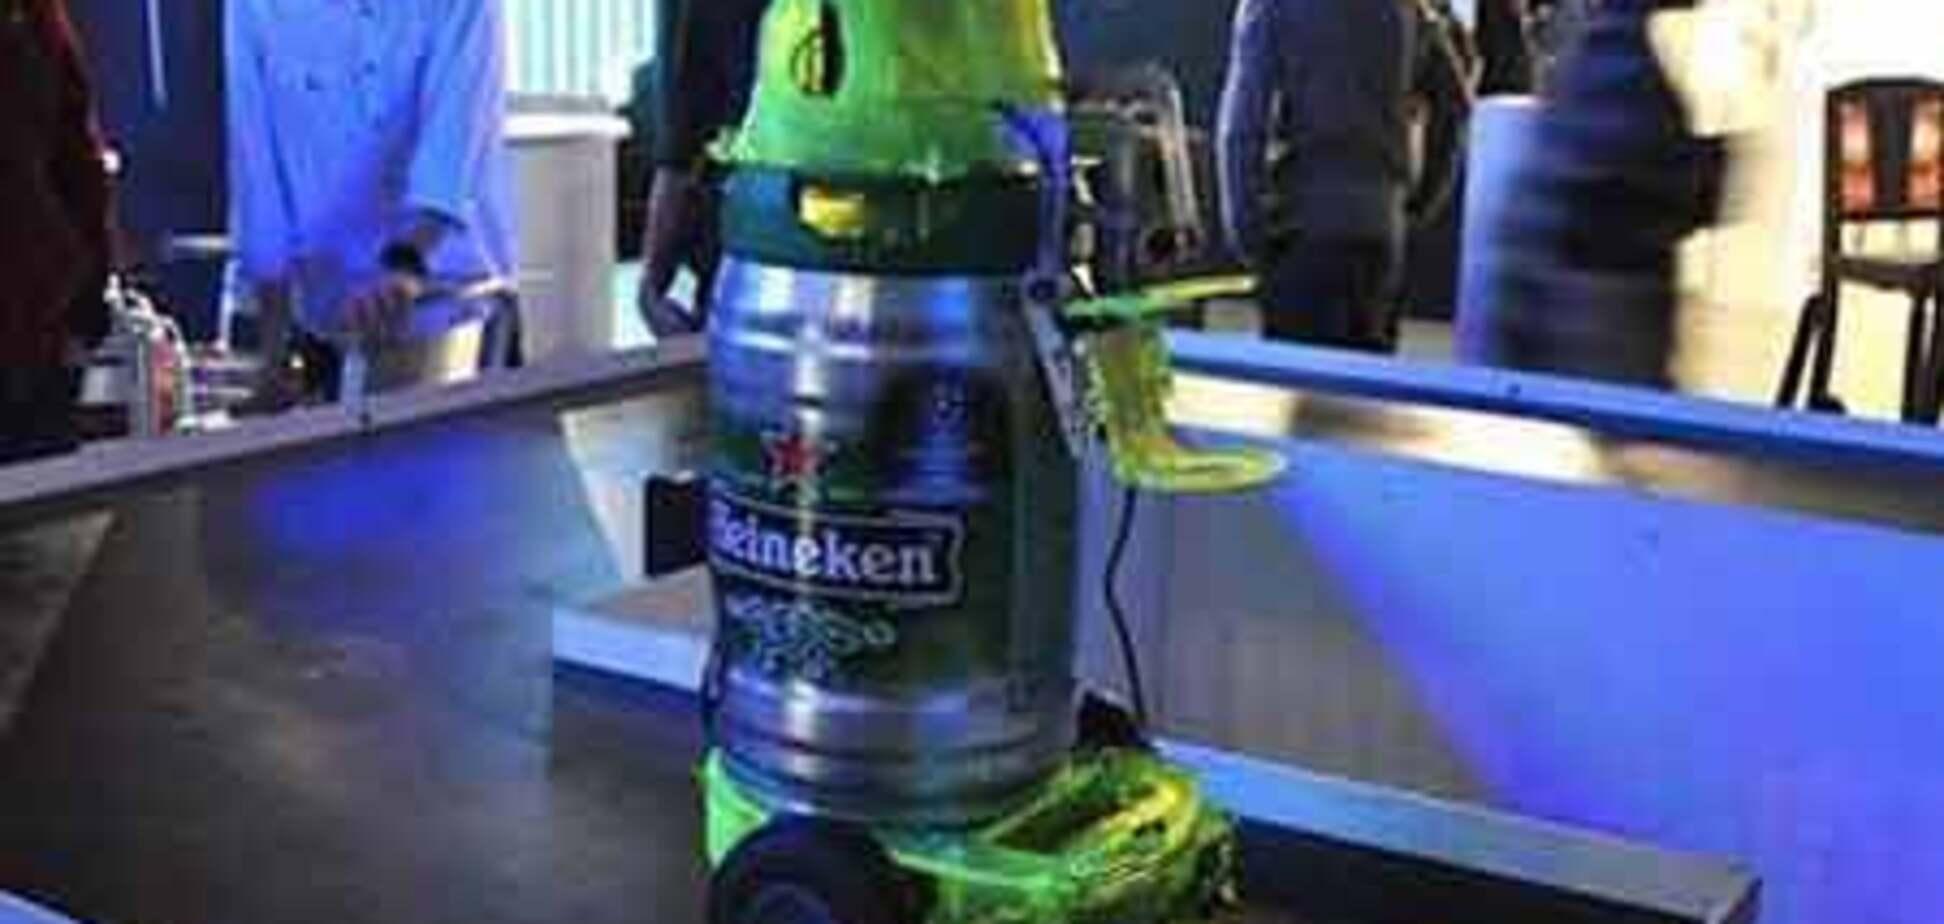 Британские инженеры создали «пиворобота»